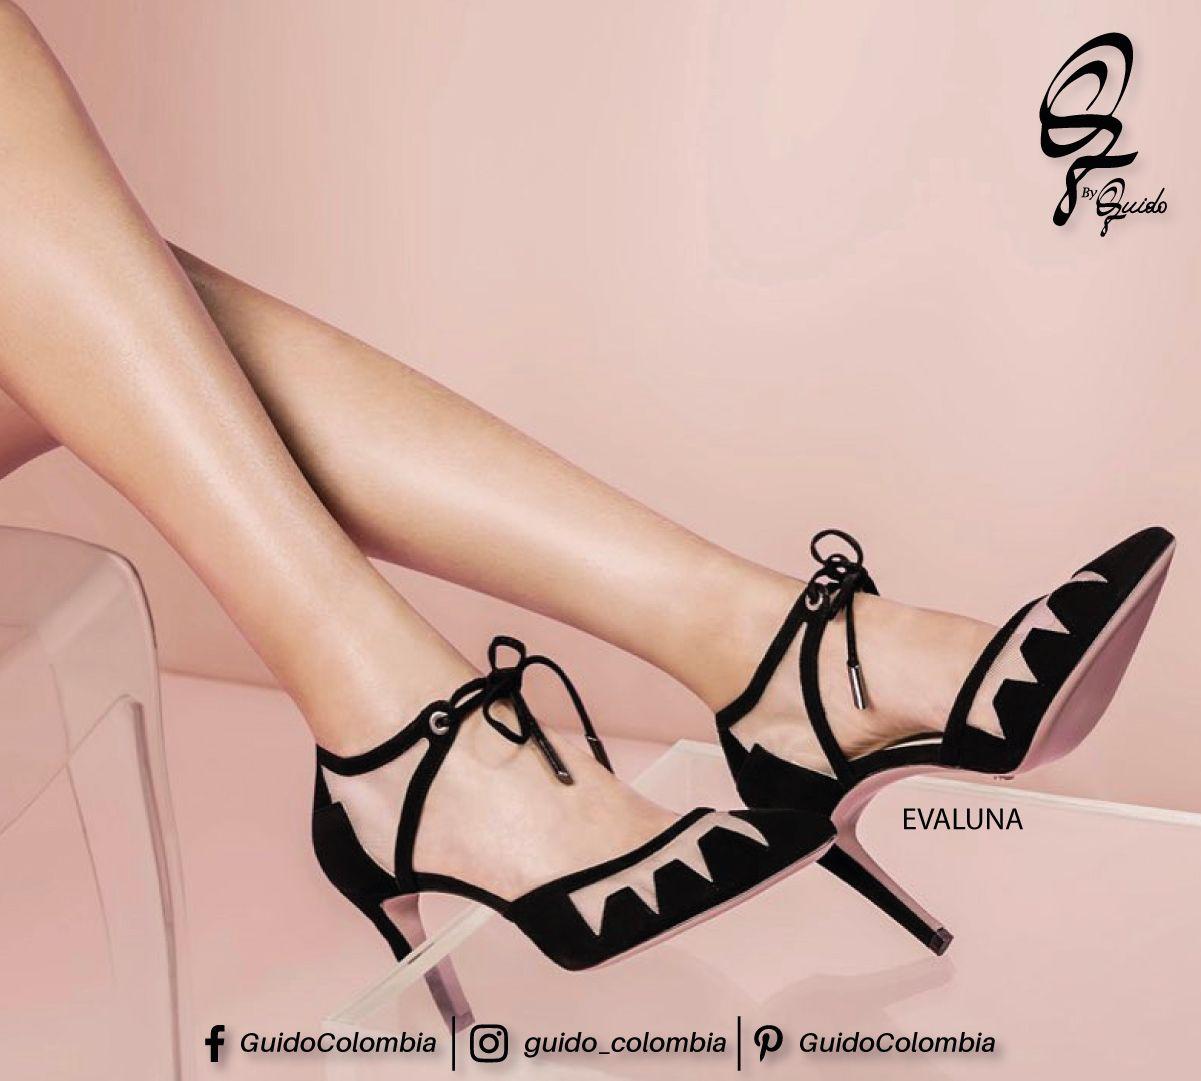 Recomendaciones Para Comprar Zapatos 2 Que Los Zapatos No Te Aprieten Ni Te Queden Grandes Debes Ser Capaz De Mover Los Dedos D Sandals Heels Sandals Shoes